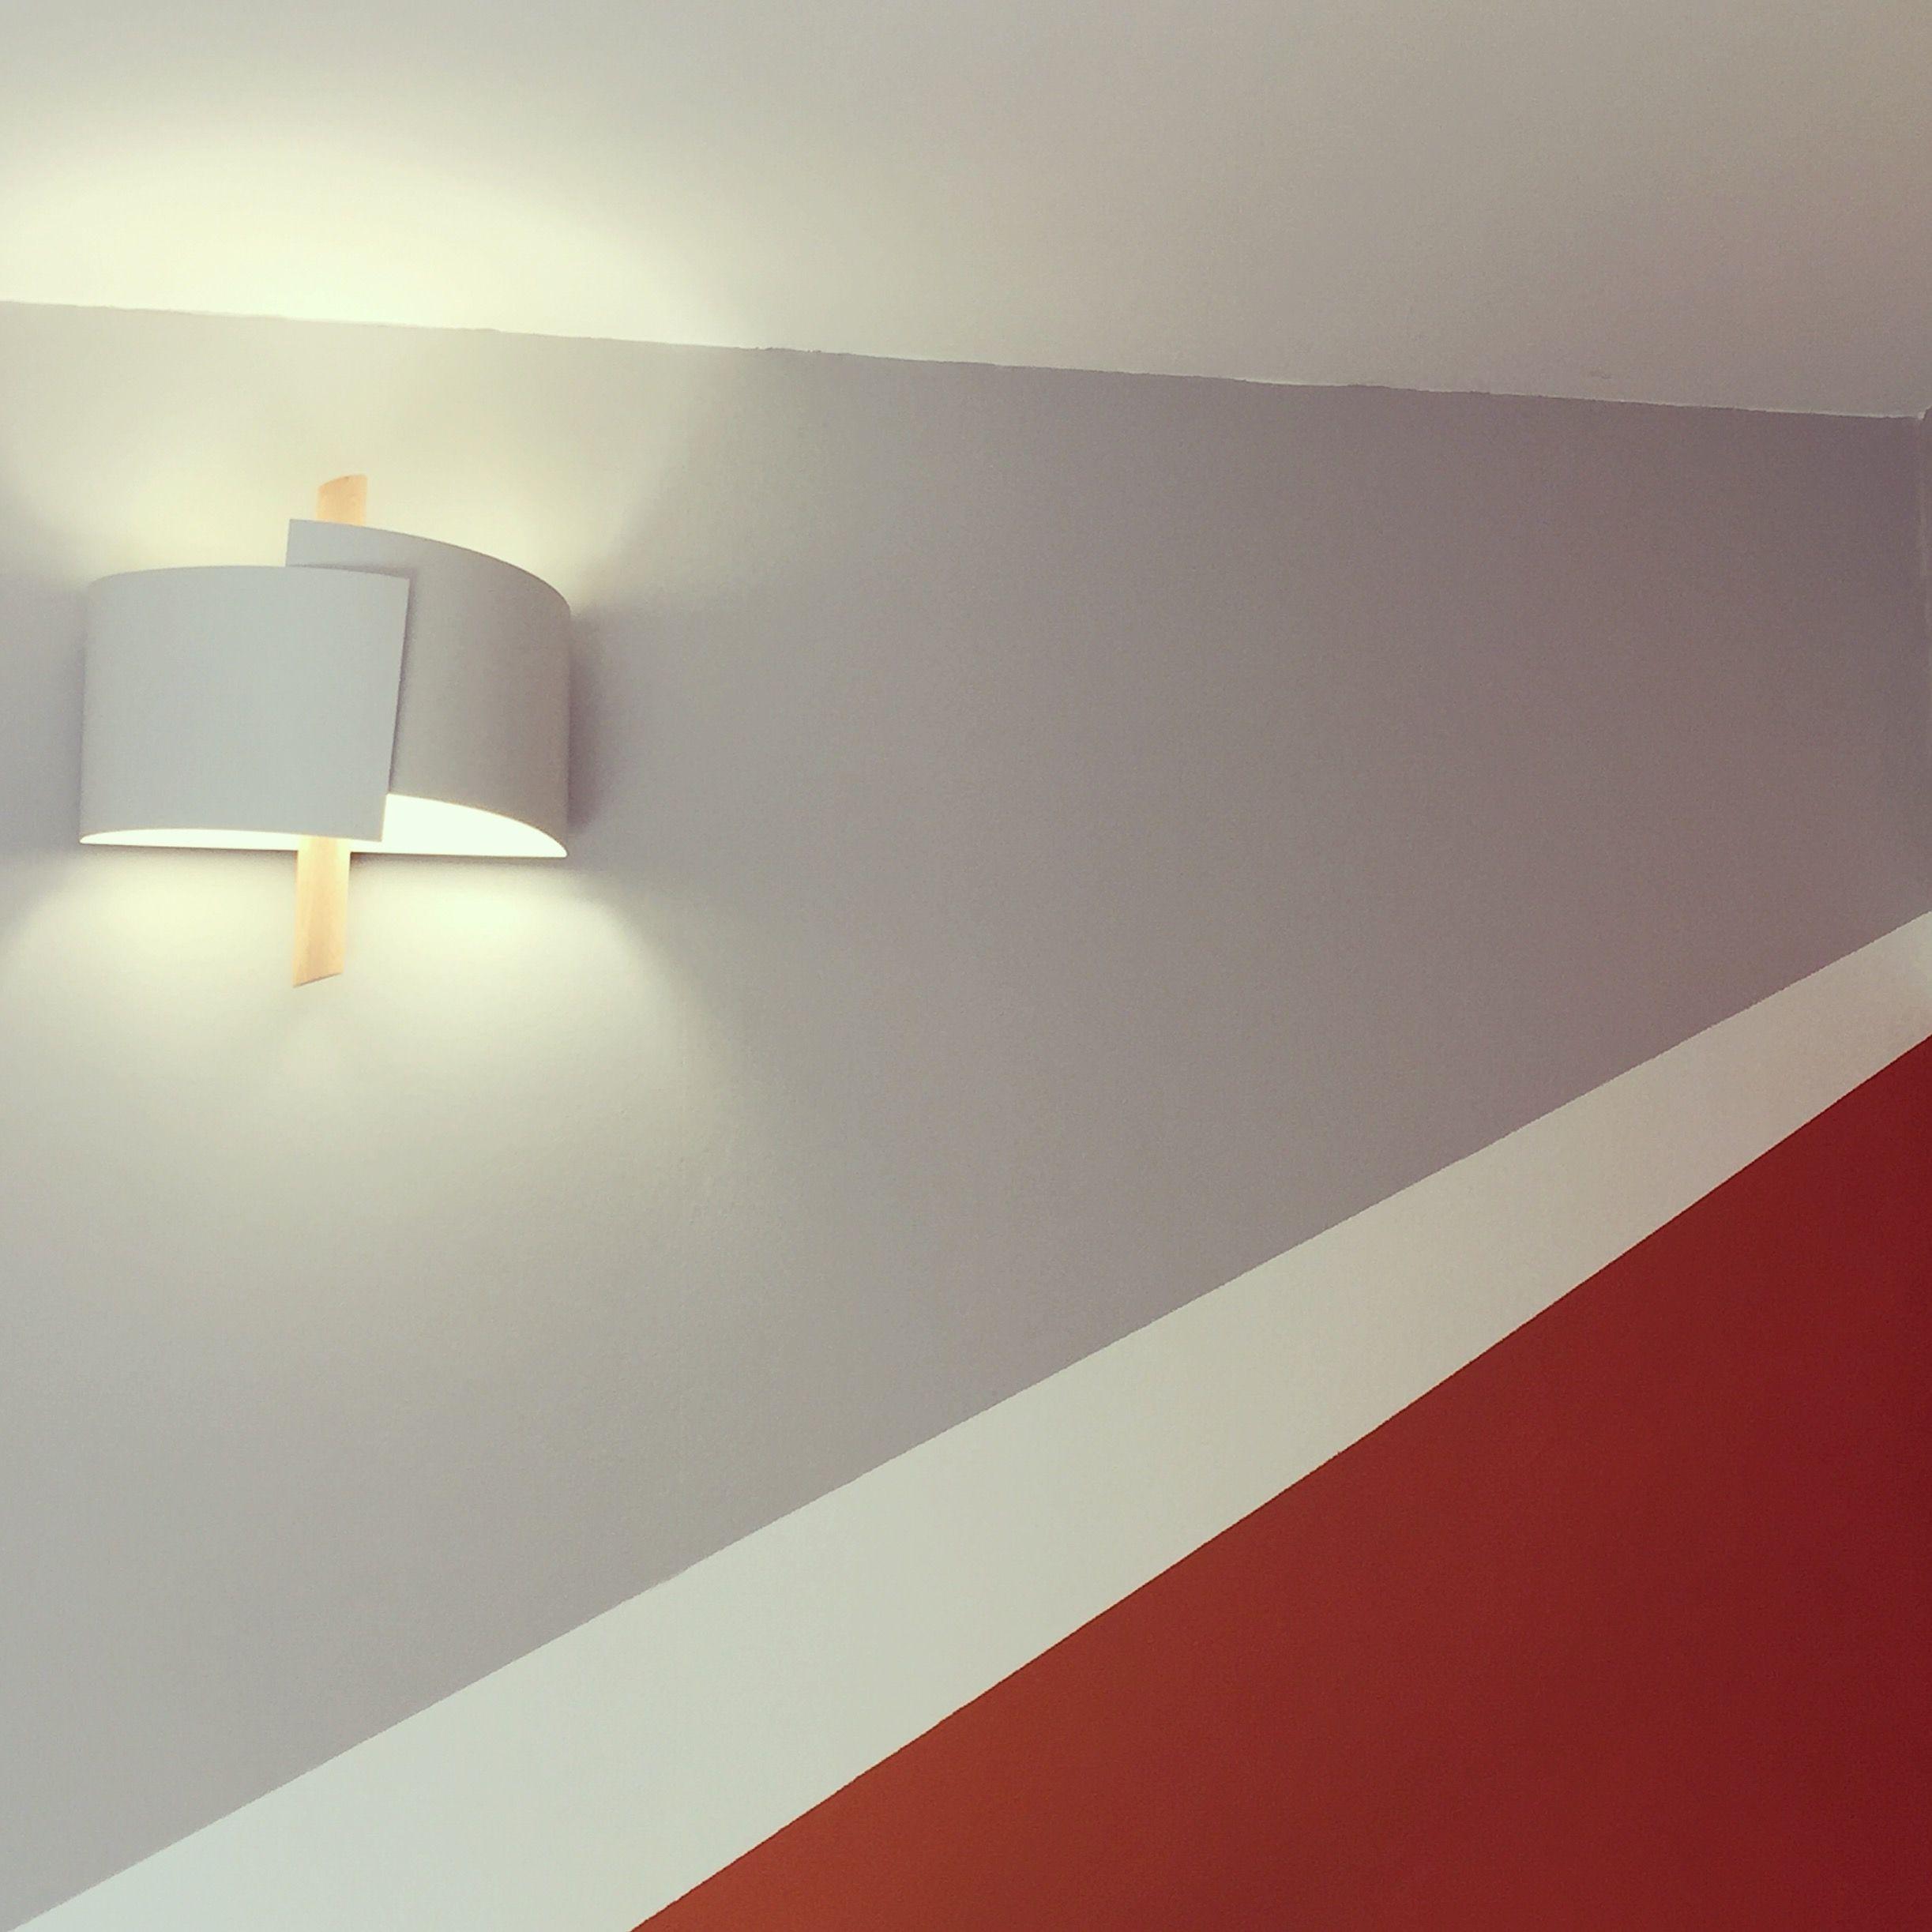 Un Tour Chez Nous   Le Magazine #design #décoration #peinture #mur #